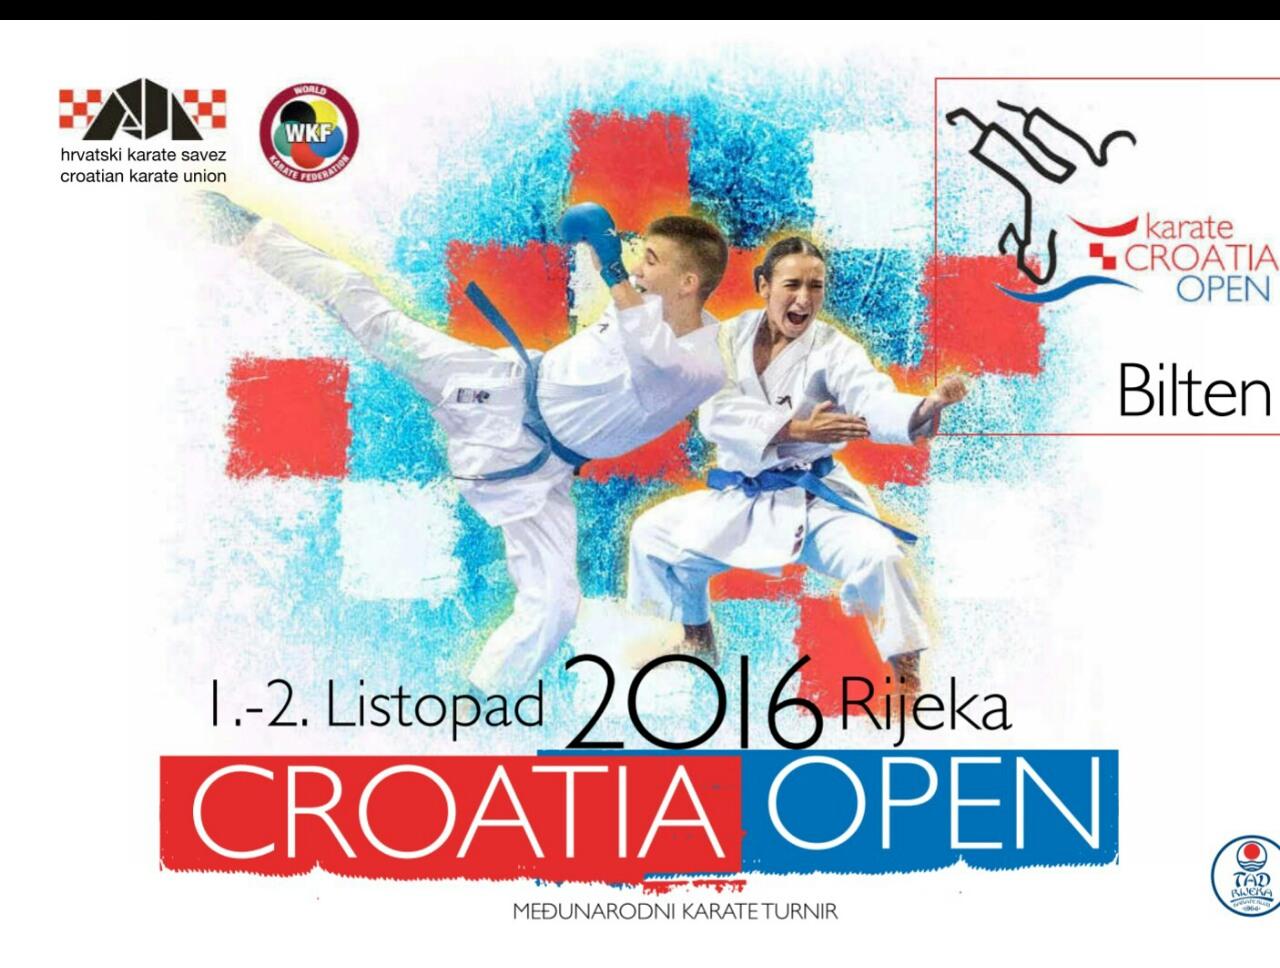 Photo of Urošu srebro na Kroacija open turniru u Rijeci